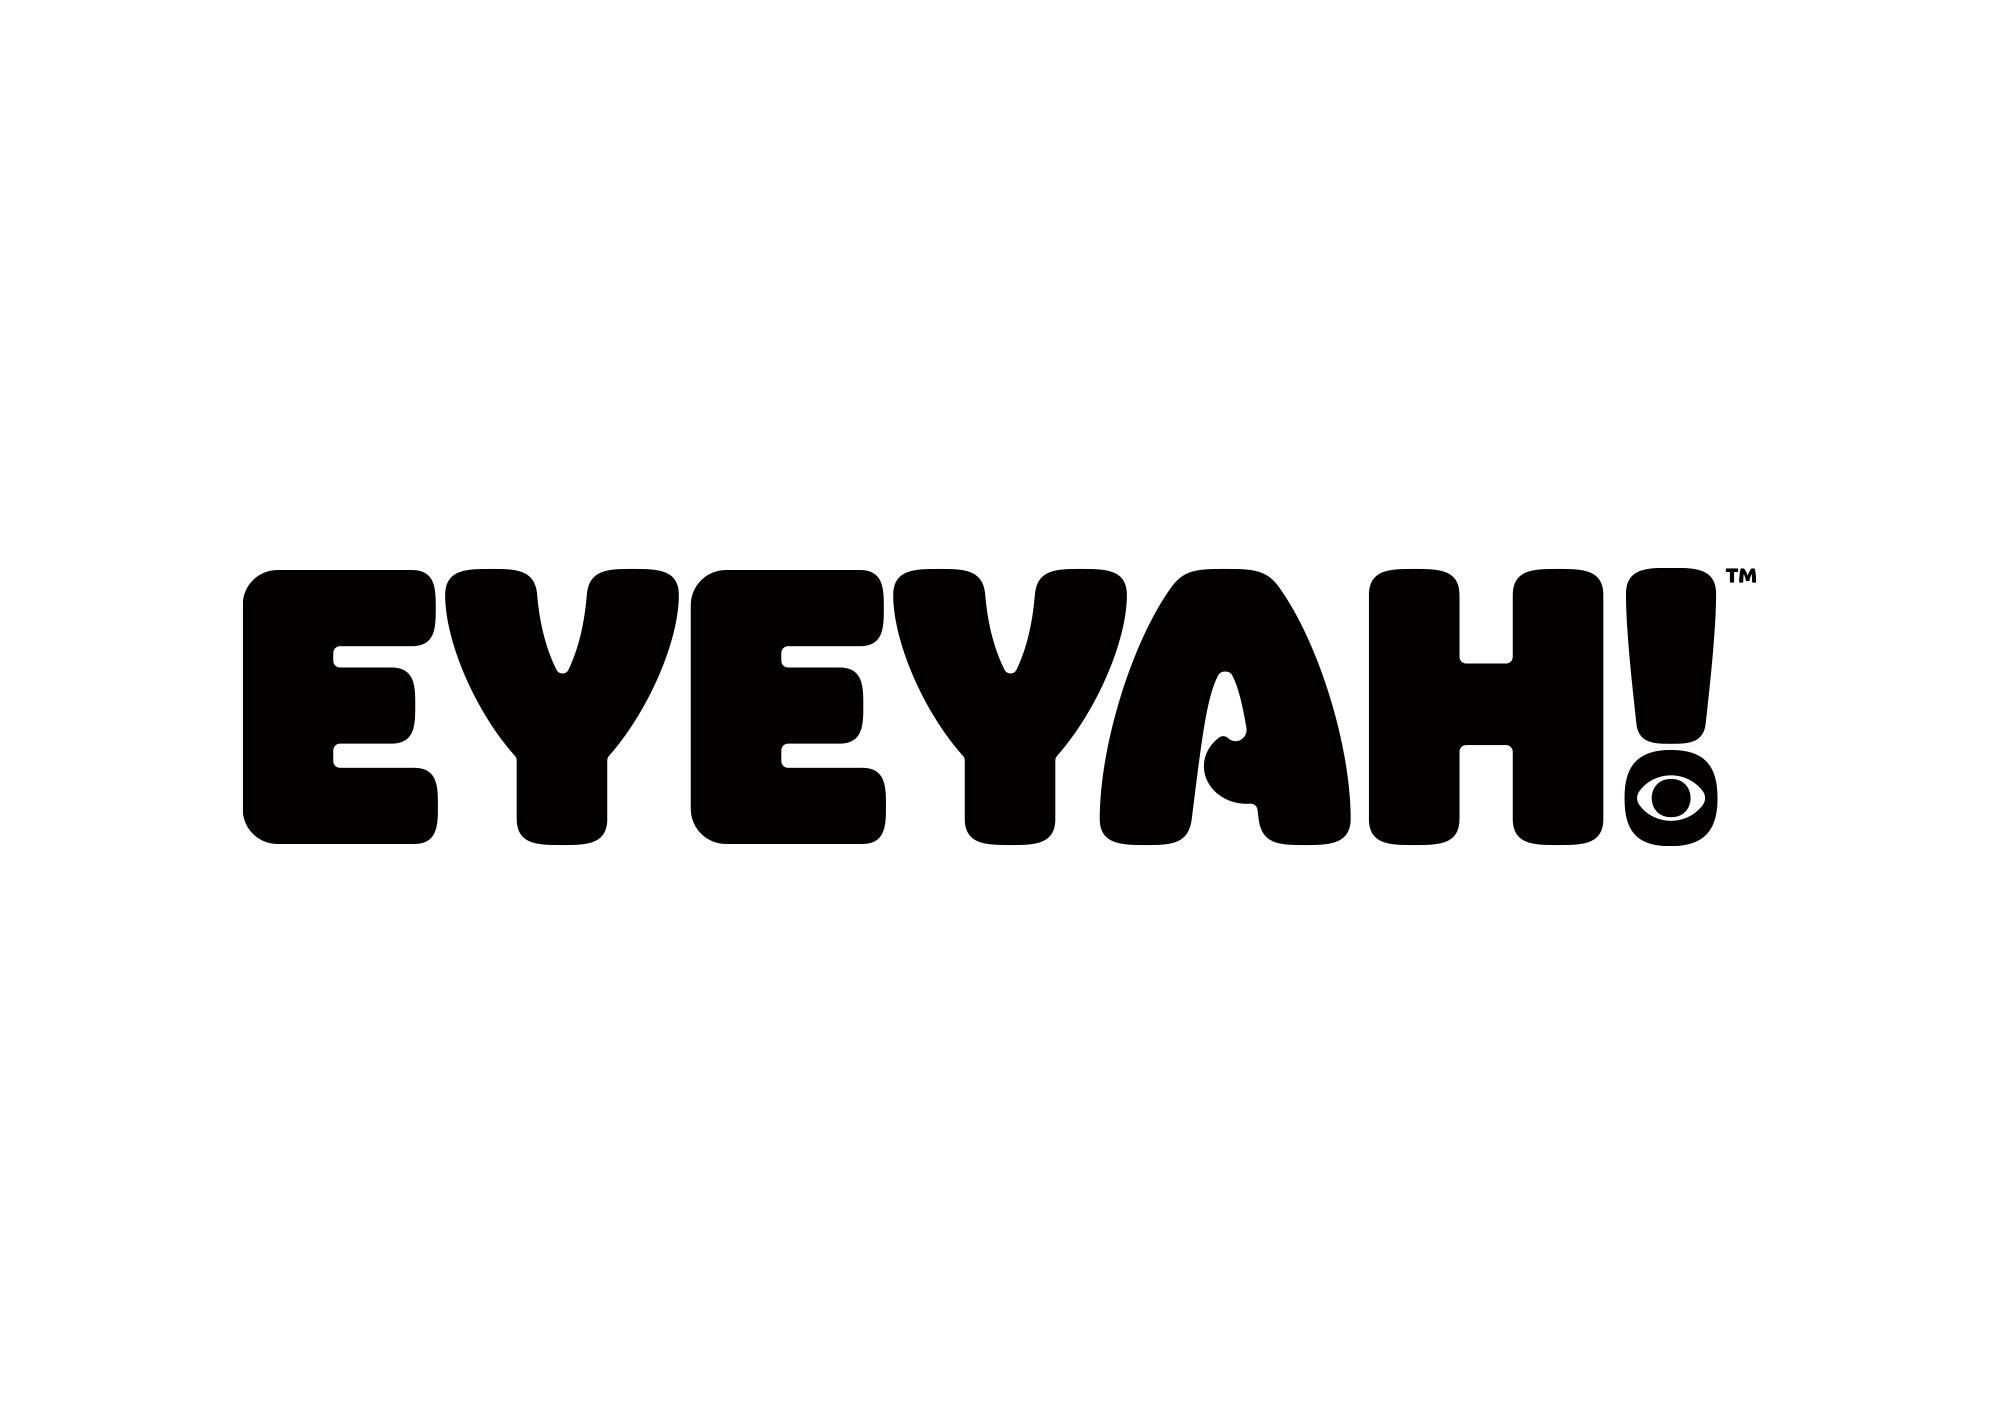 Identity design for Singapore based EYEYAH! magazine logo - Black on White.